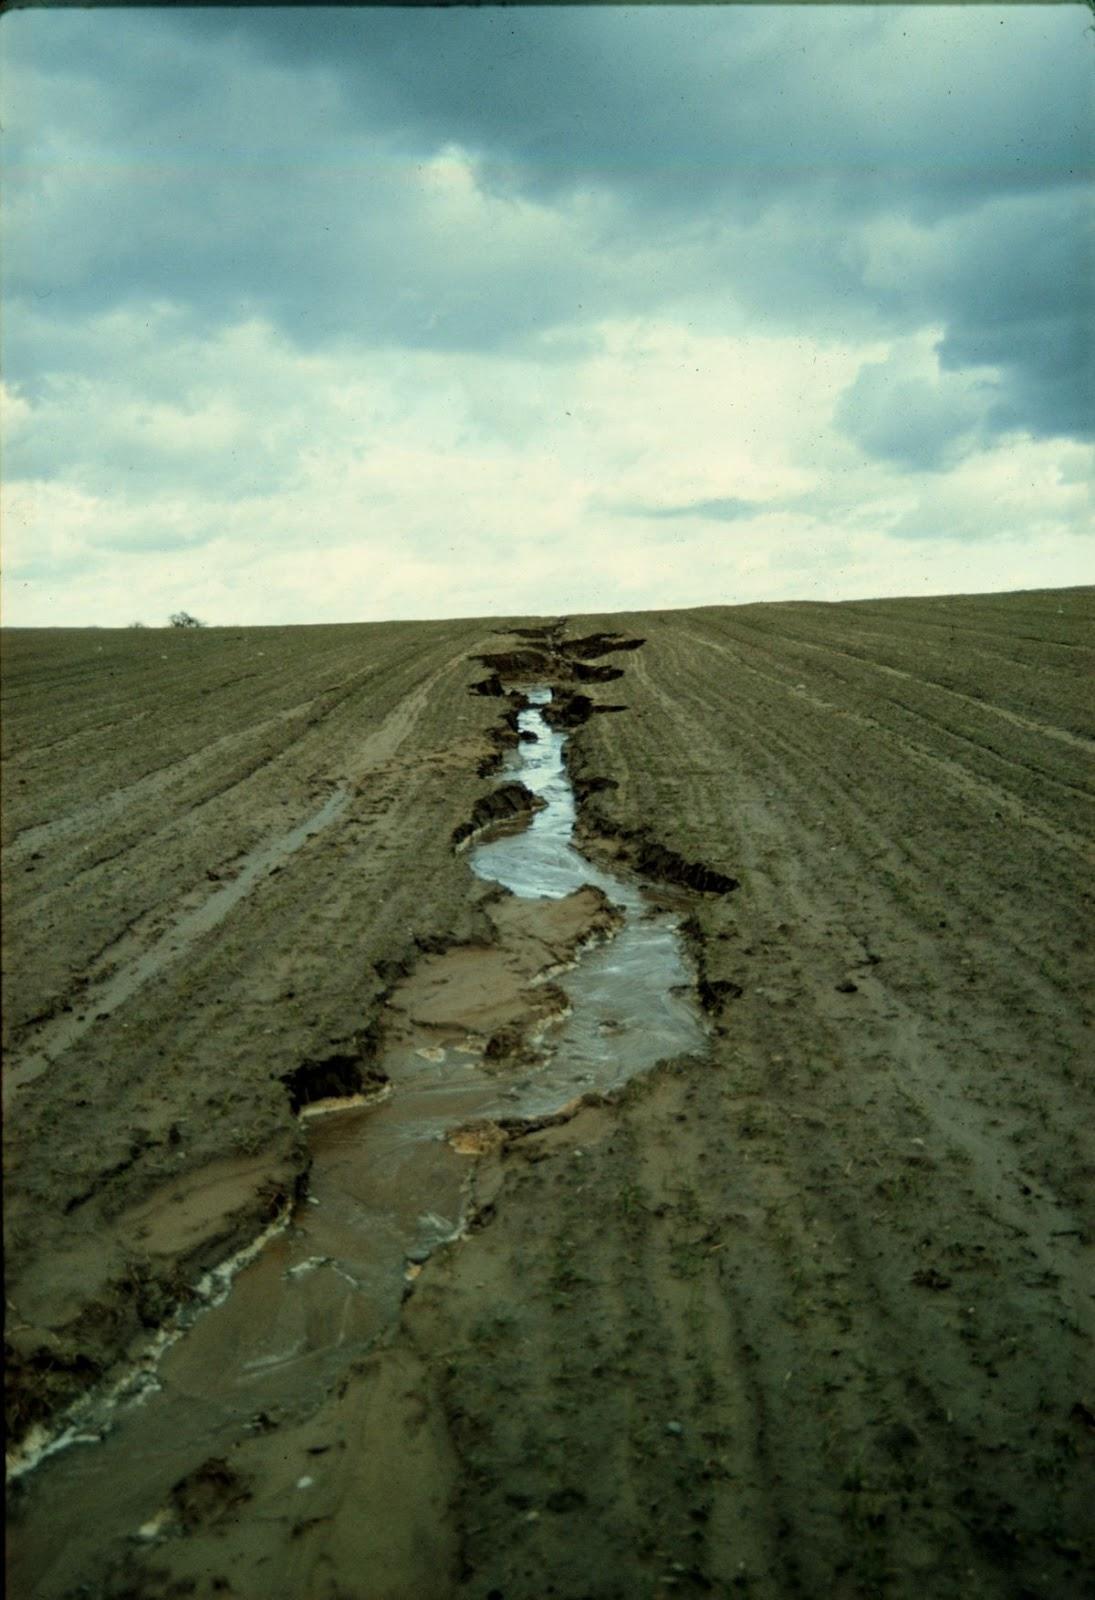 Gây xói mòn đất nông nghiệp là hành vi hủy hoại đất (Ảnh minh họa)